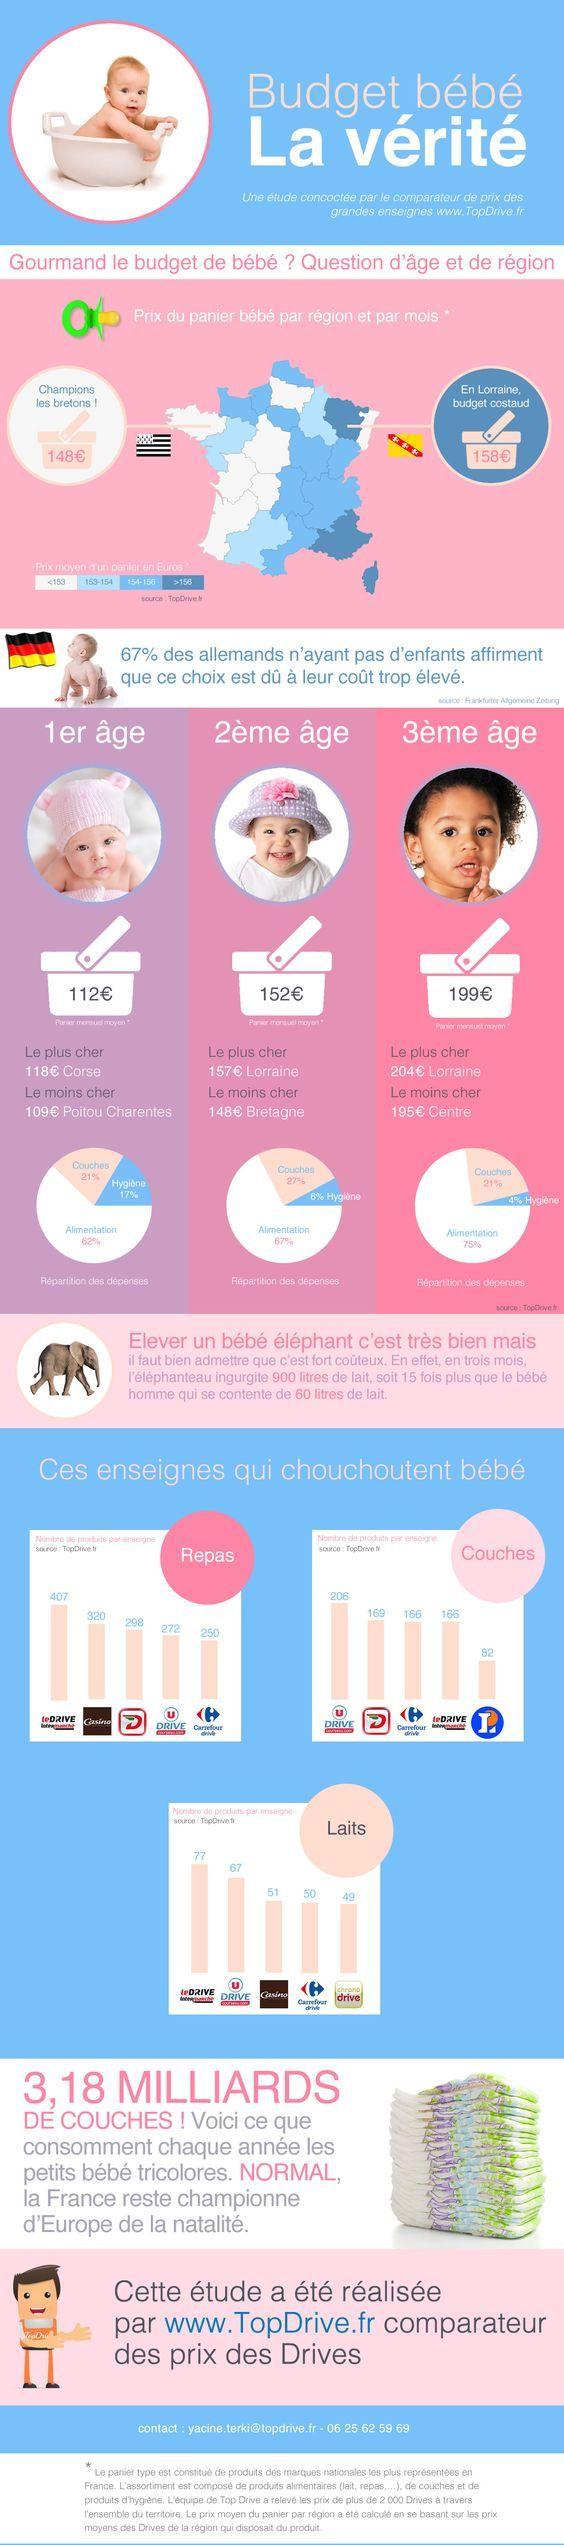 J'ai reçu il y a quelques jour une infographie montrant la différence de budget bébé en France, commandité par un comparateur de prix sur le web.